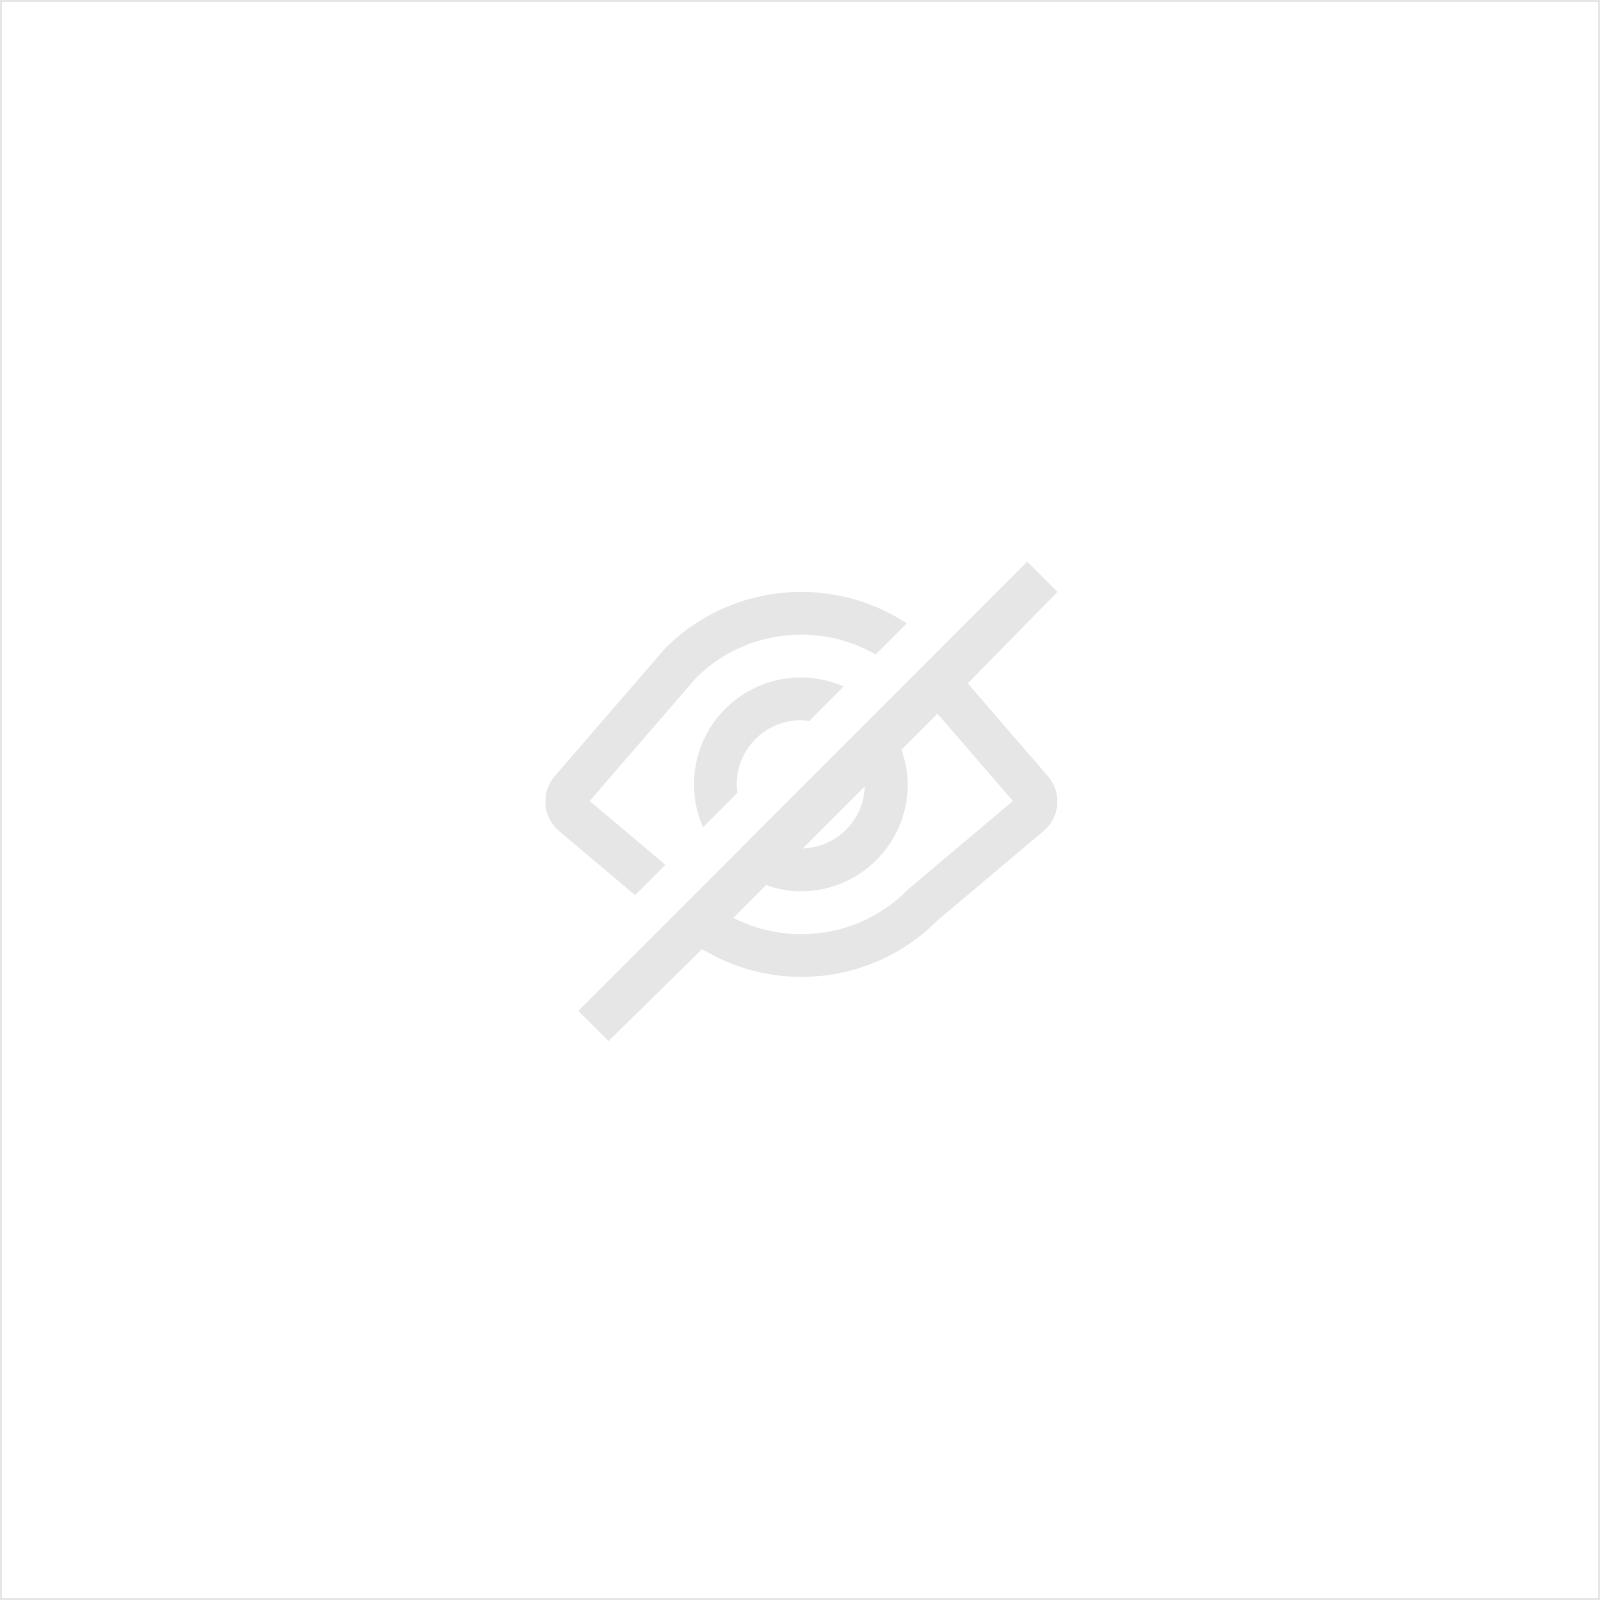 MOLETTES OPTIONELLE POUR BORDEUSE MOULUREUSE 12 MM